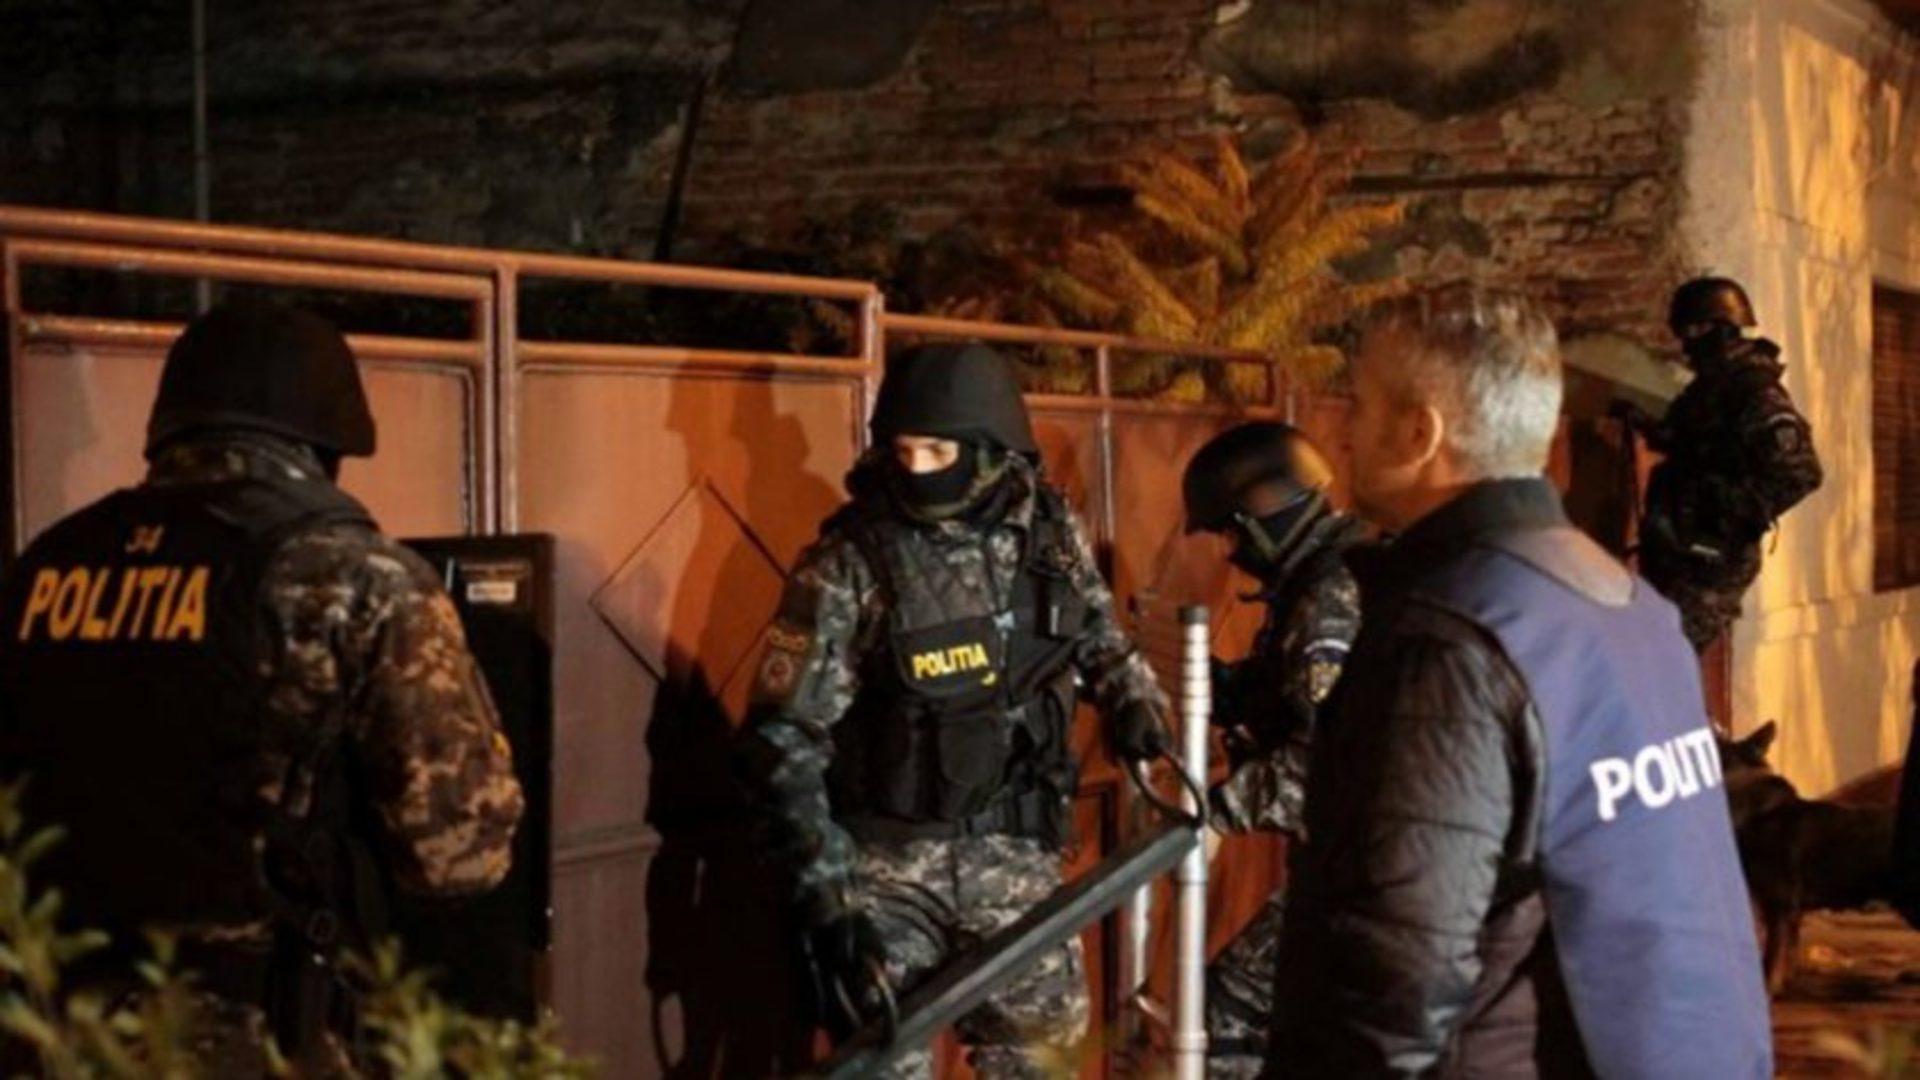 Atac sângeros în Dâmbovița. Doi polițiști au fost tăiați cu coasa și lăsați fără degete